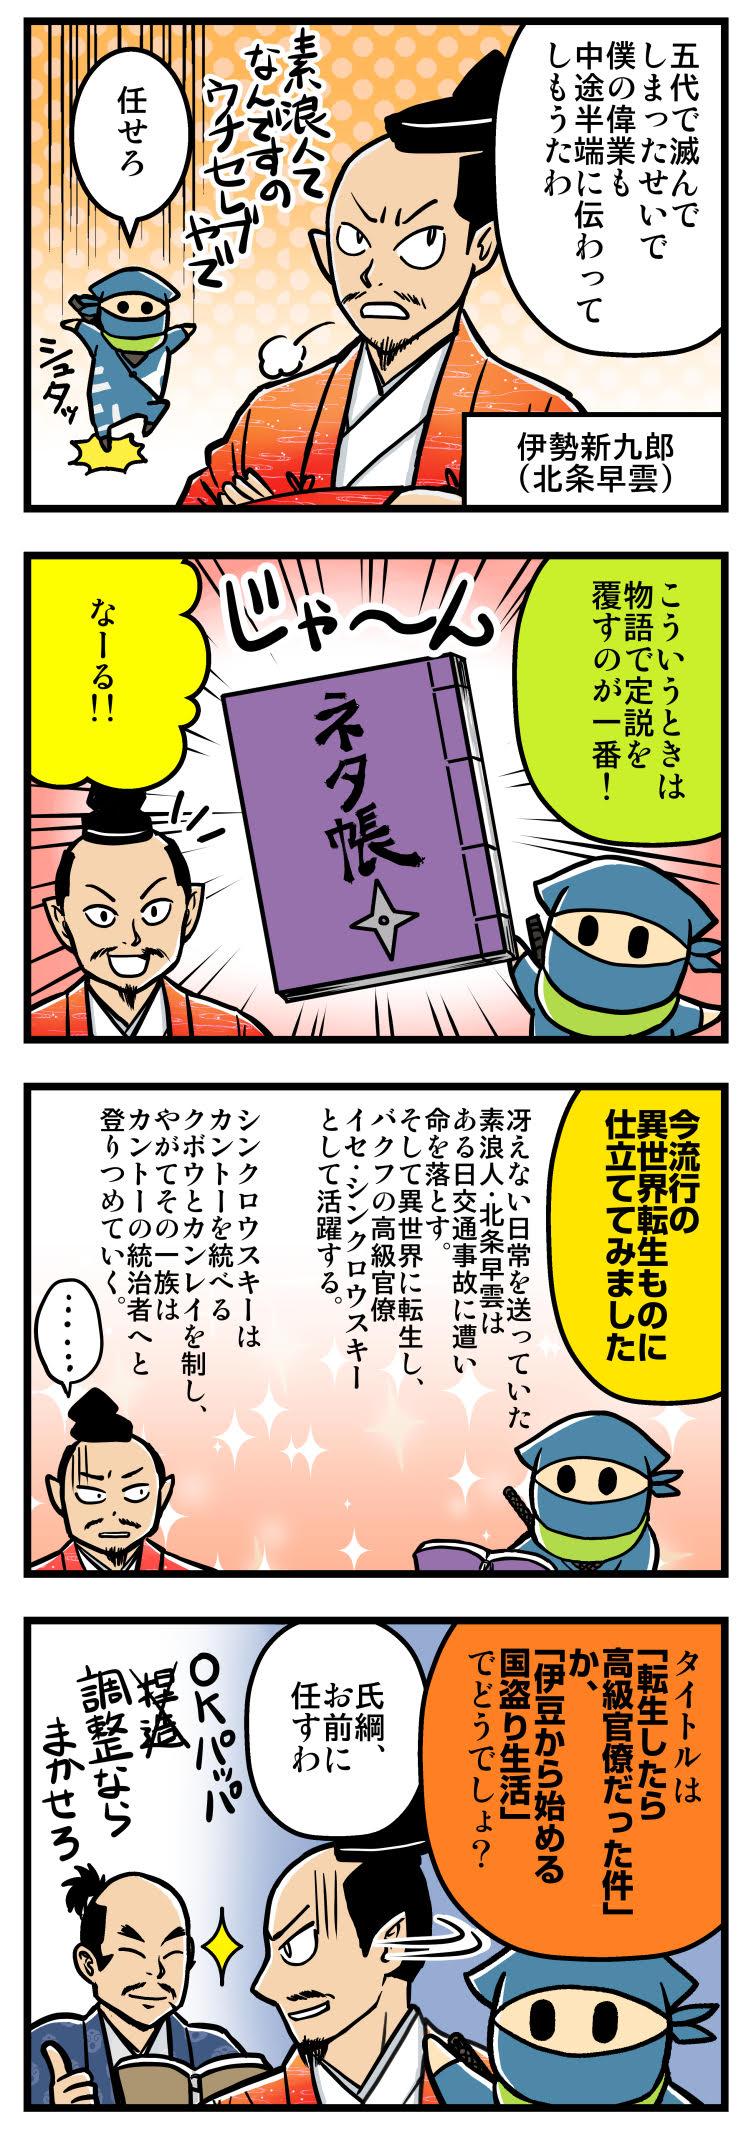 歴ニン君★第十六忍「早雲伝説創造の術」